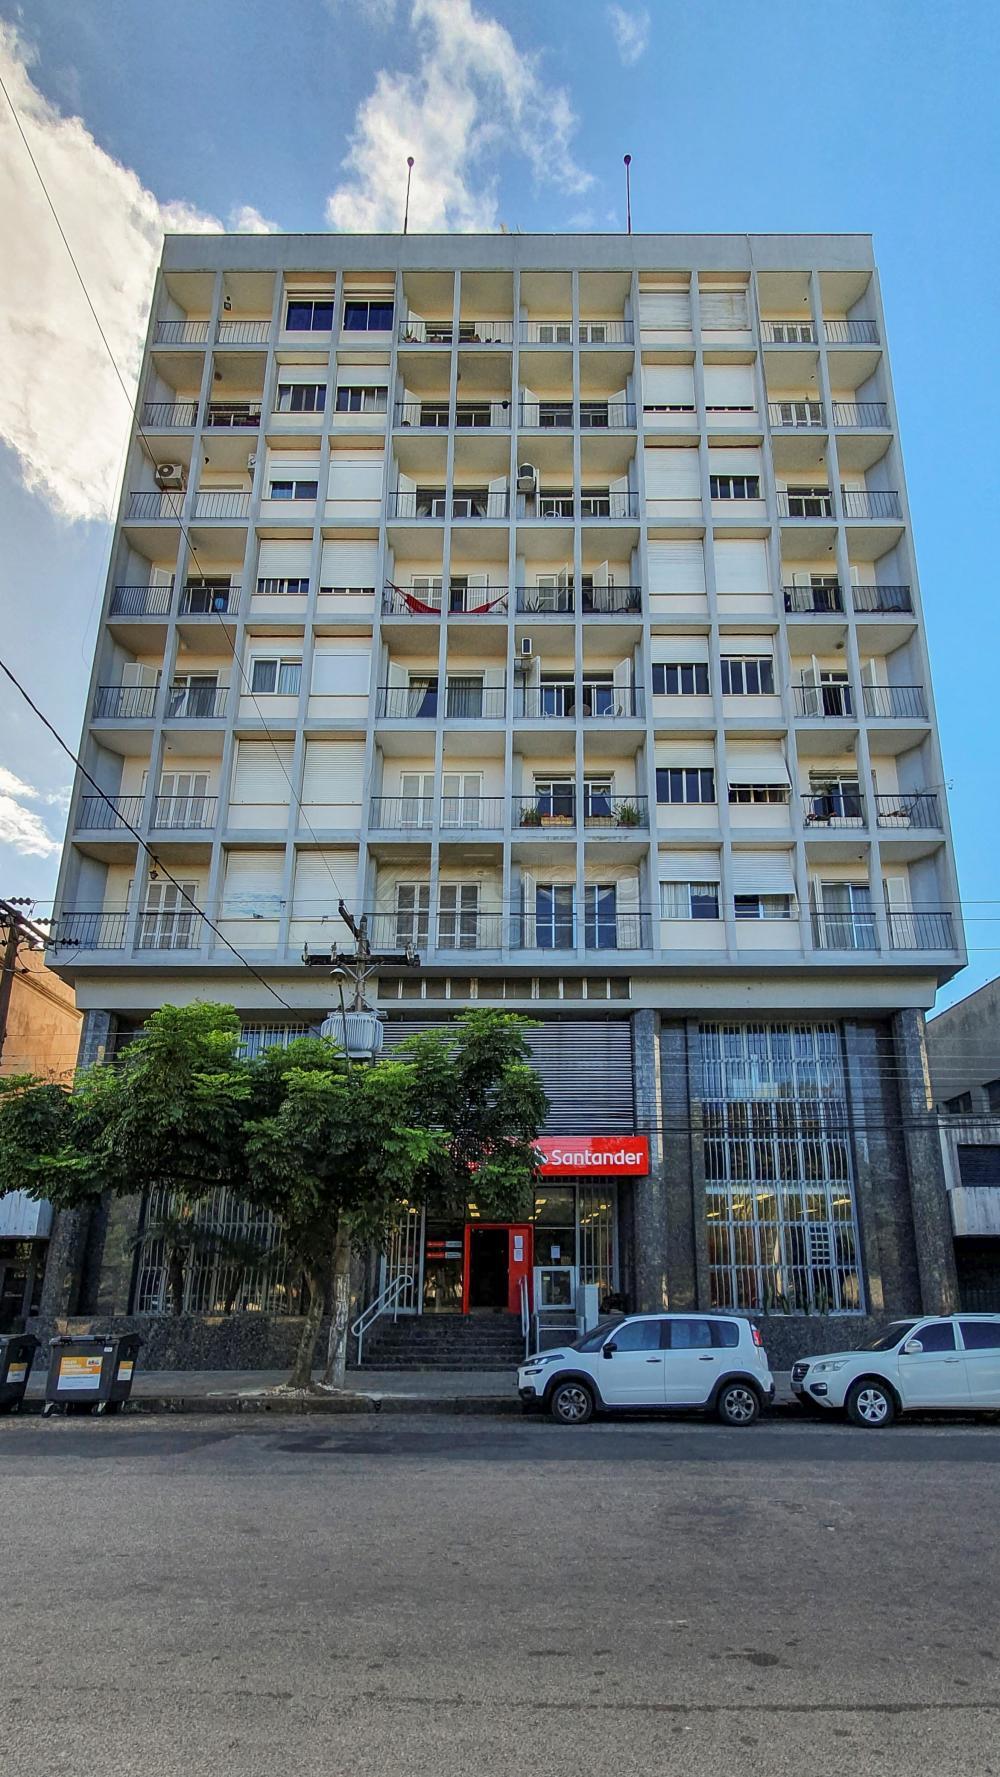 Comprar Apartamento / Padrão em Pelotas R$ 650.000,00 - Foto 1